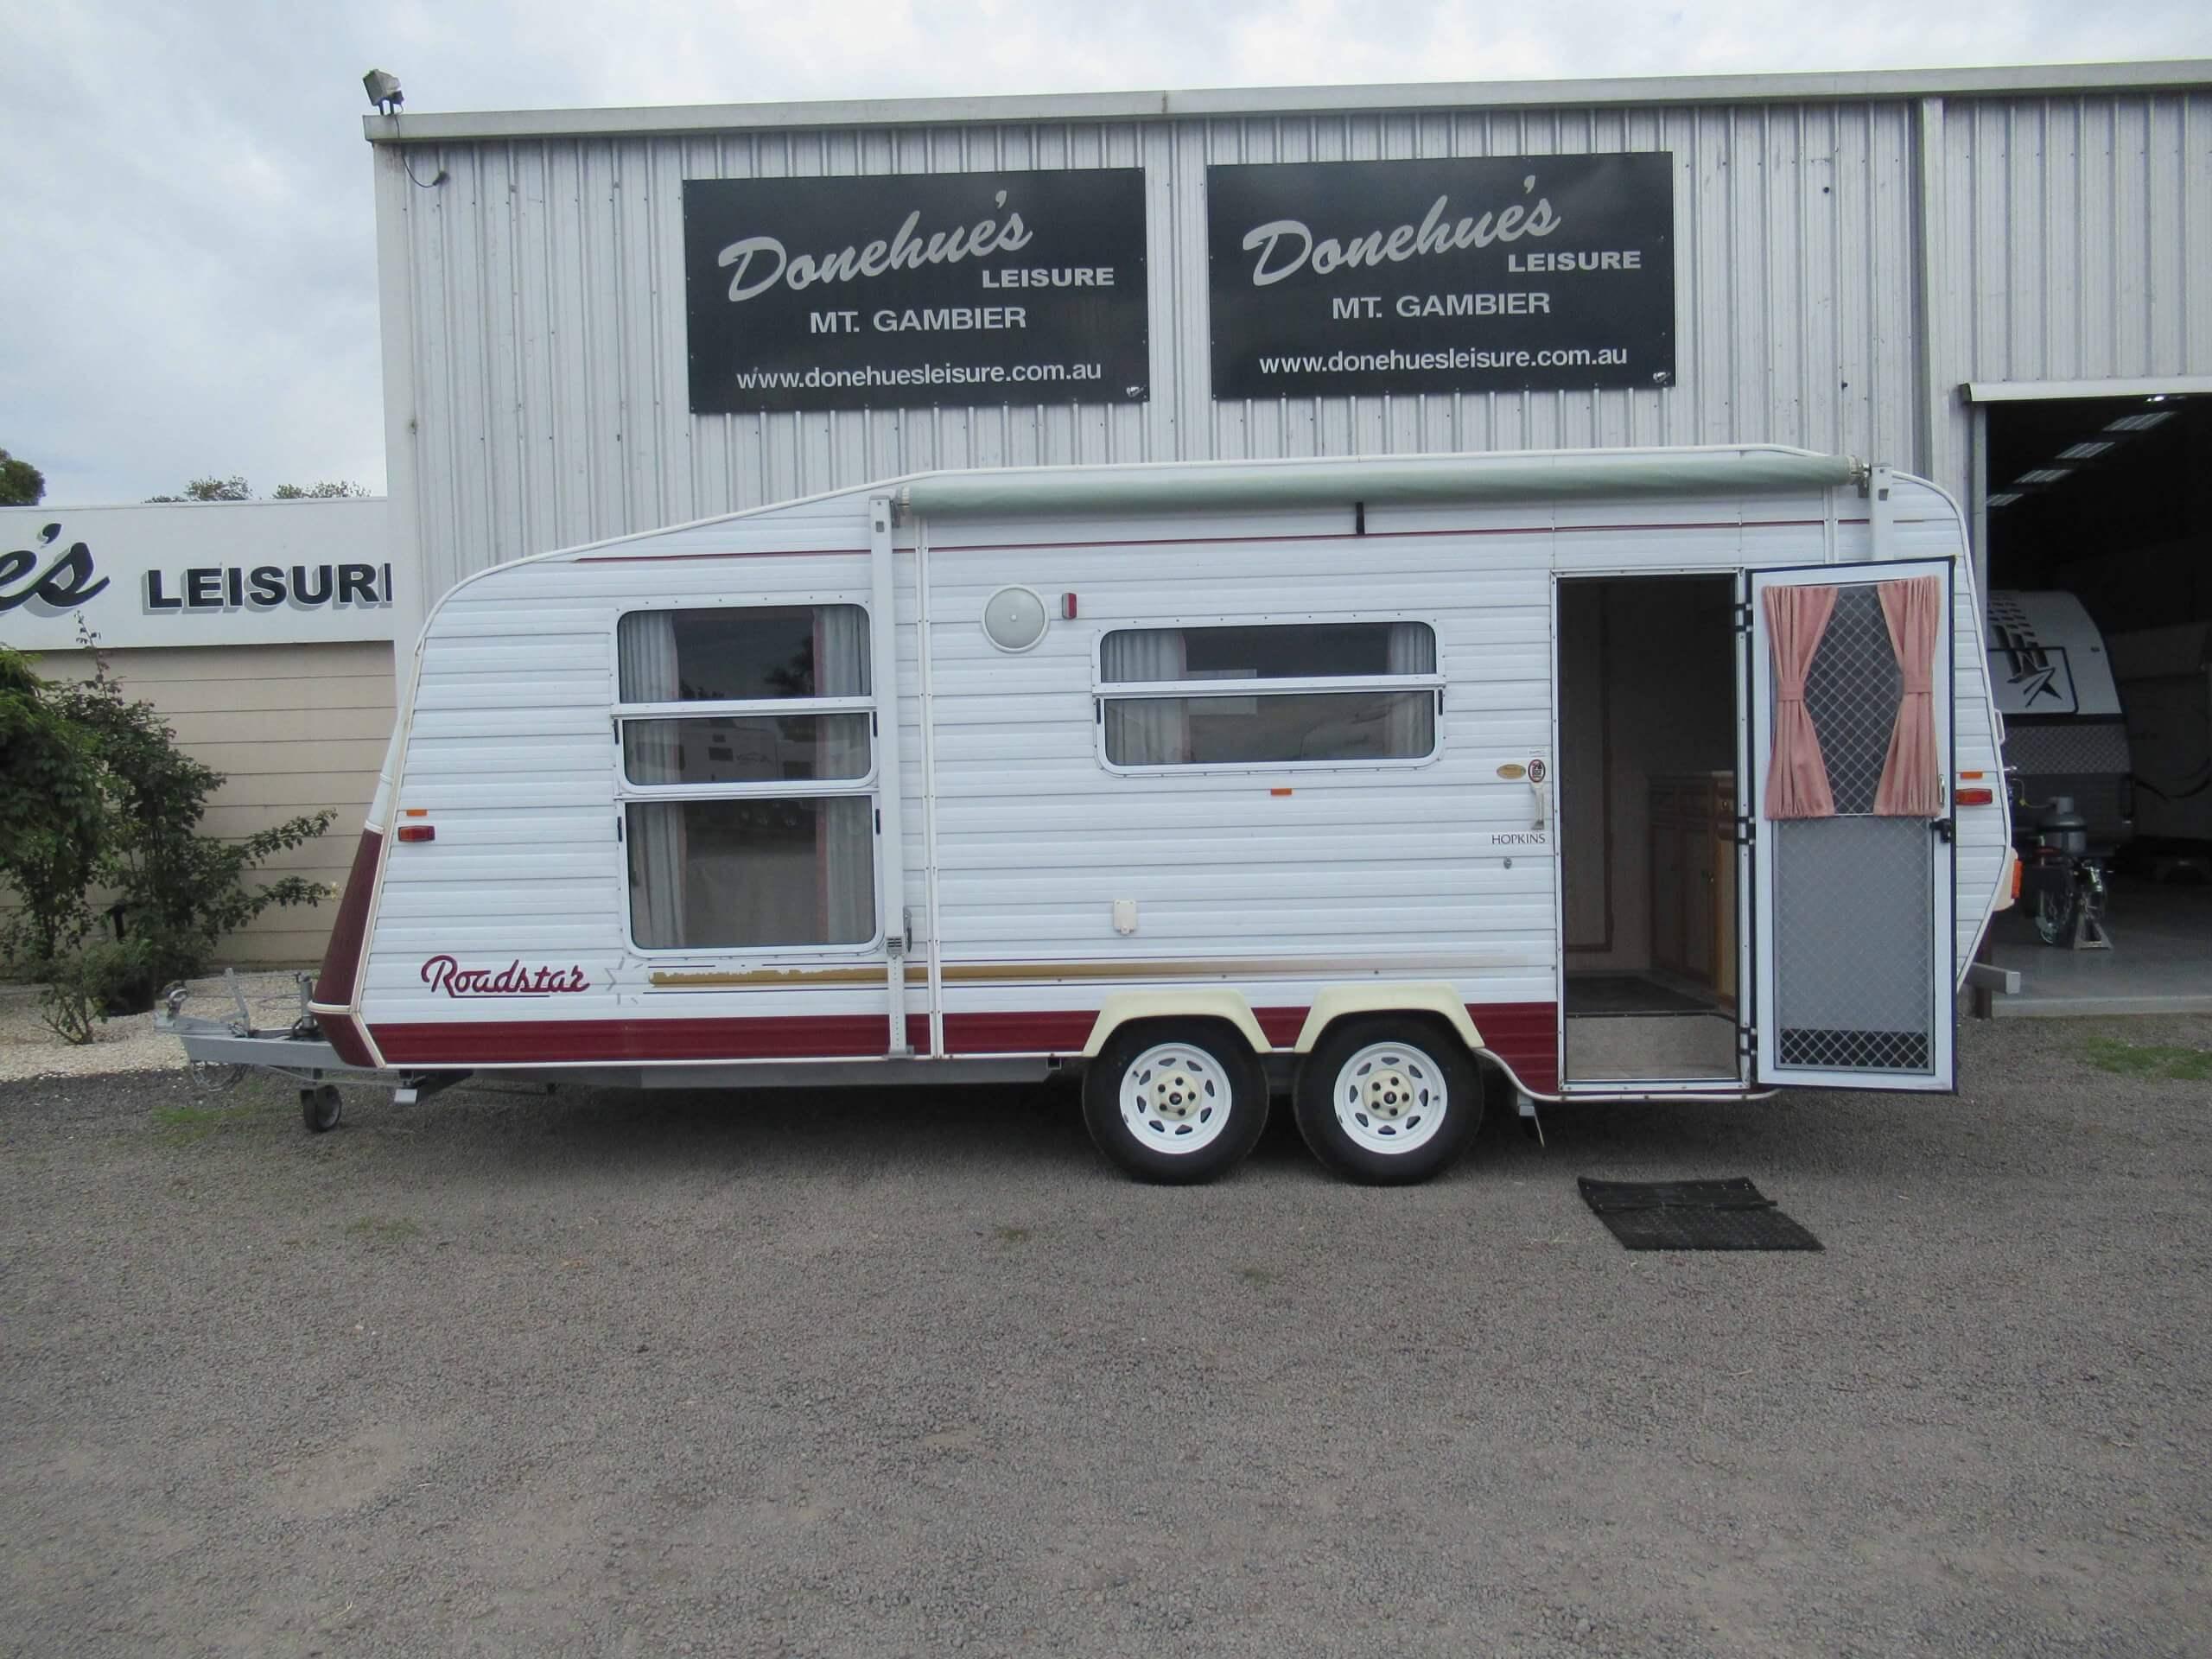 Donehues Leisure Used Roadstar Voyager Caravan Shower Toilet Mt Gambier 21893M